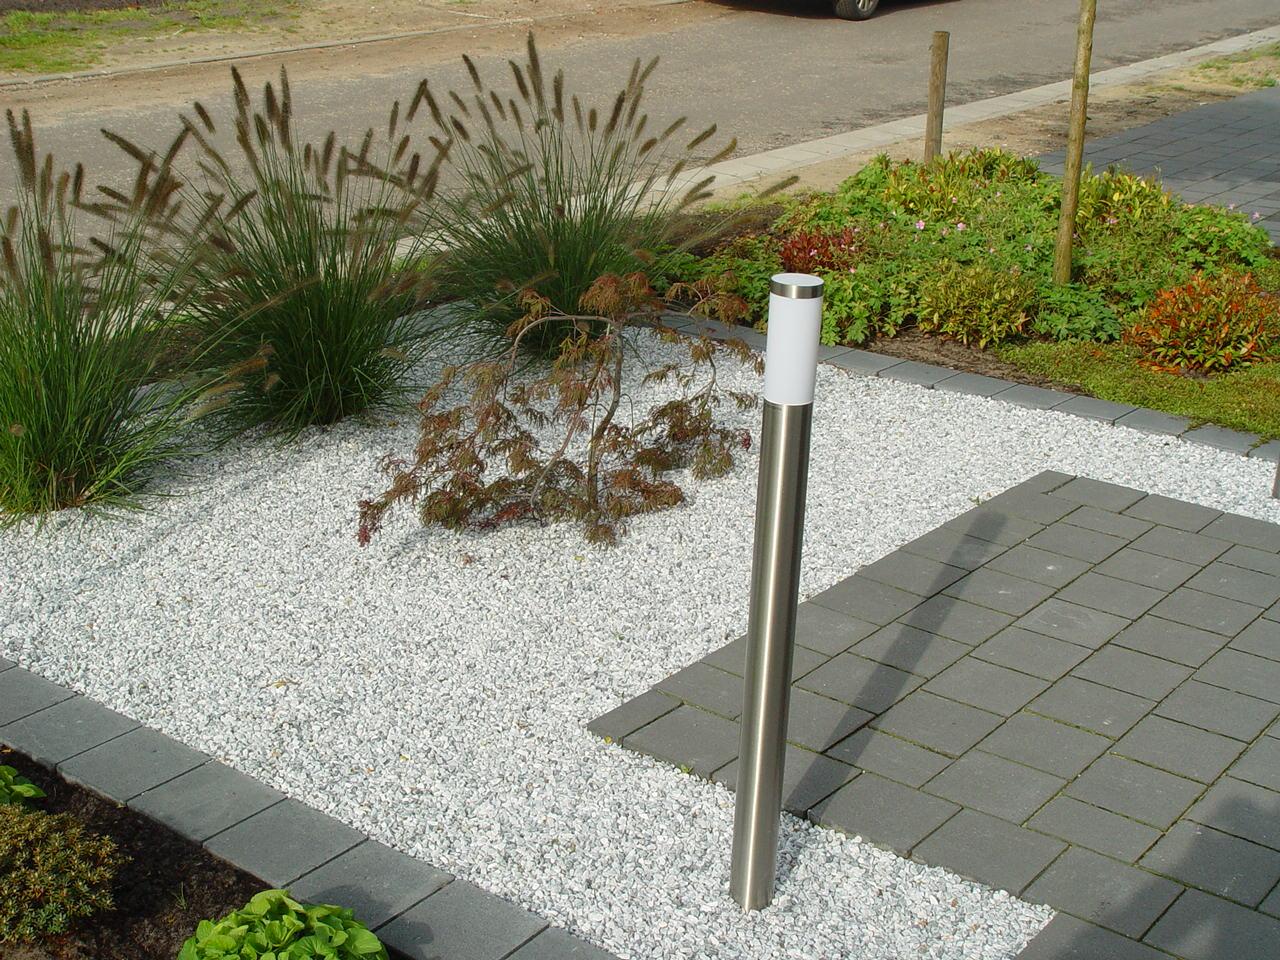 Ziegelei g tz reckendorf 96182 yellowmap for Gartengestaltung 700 qm